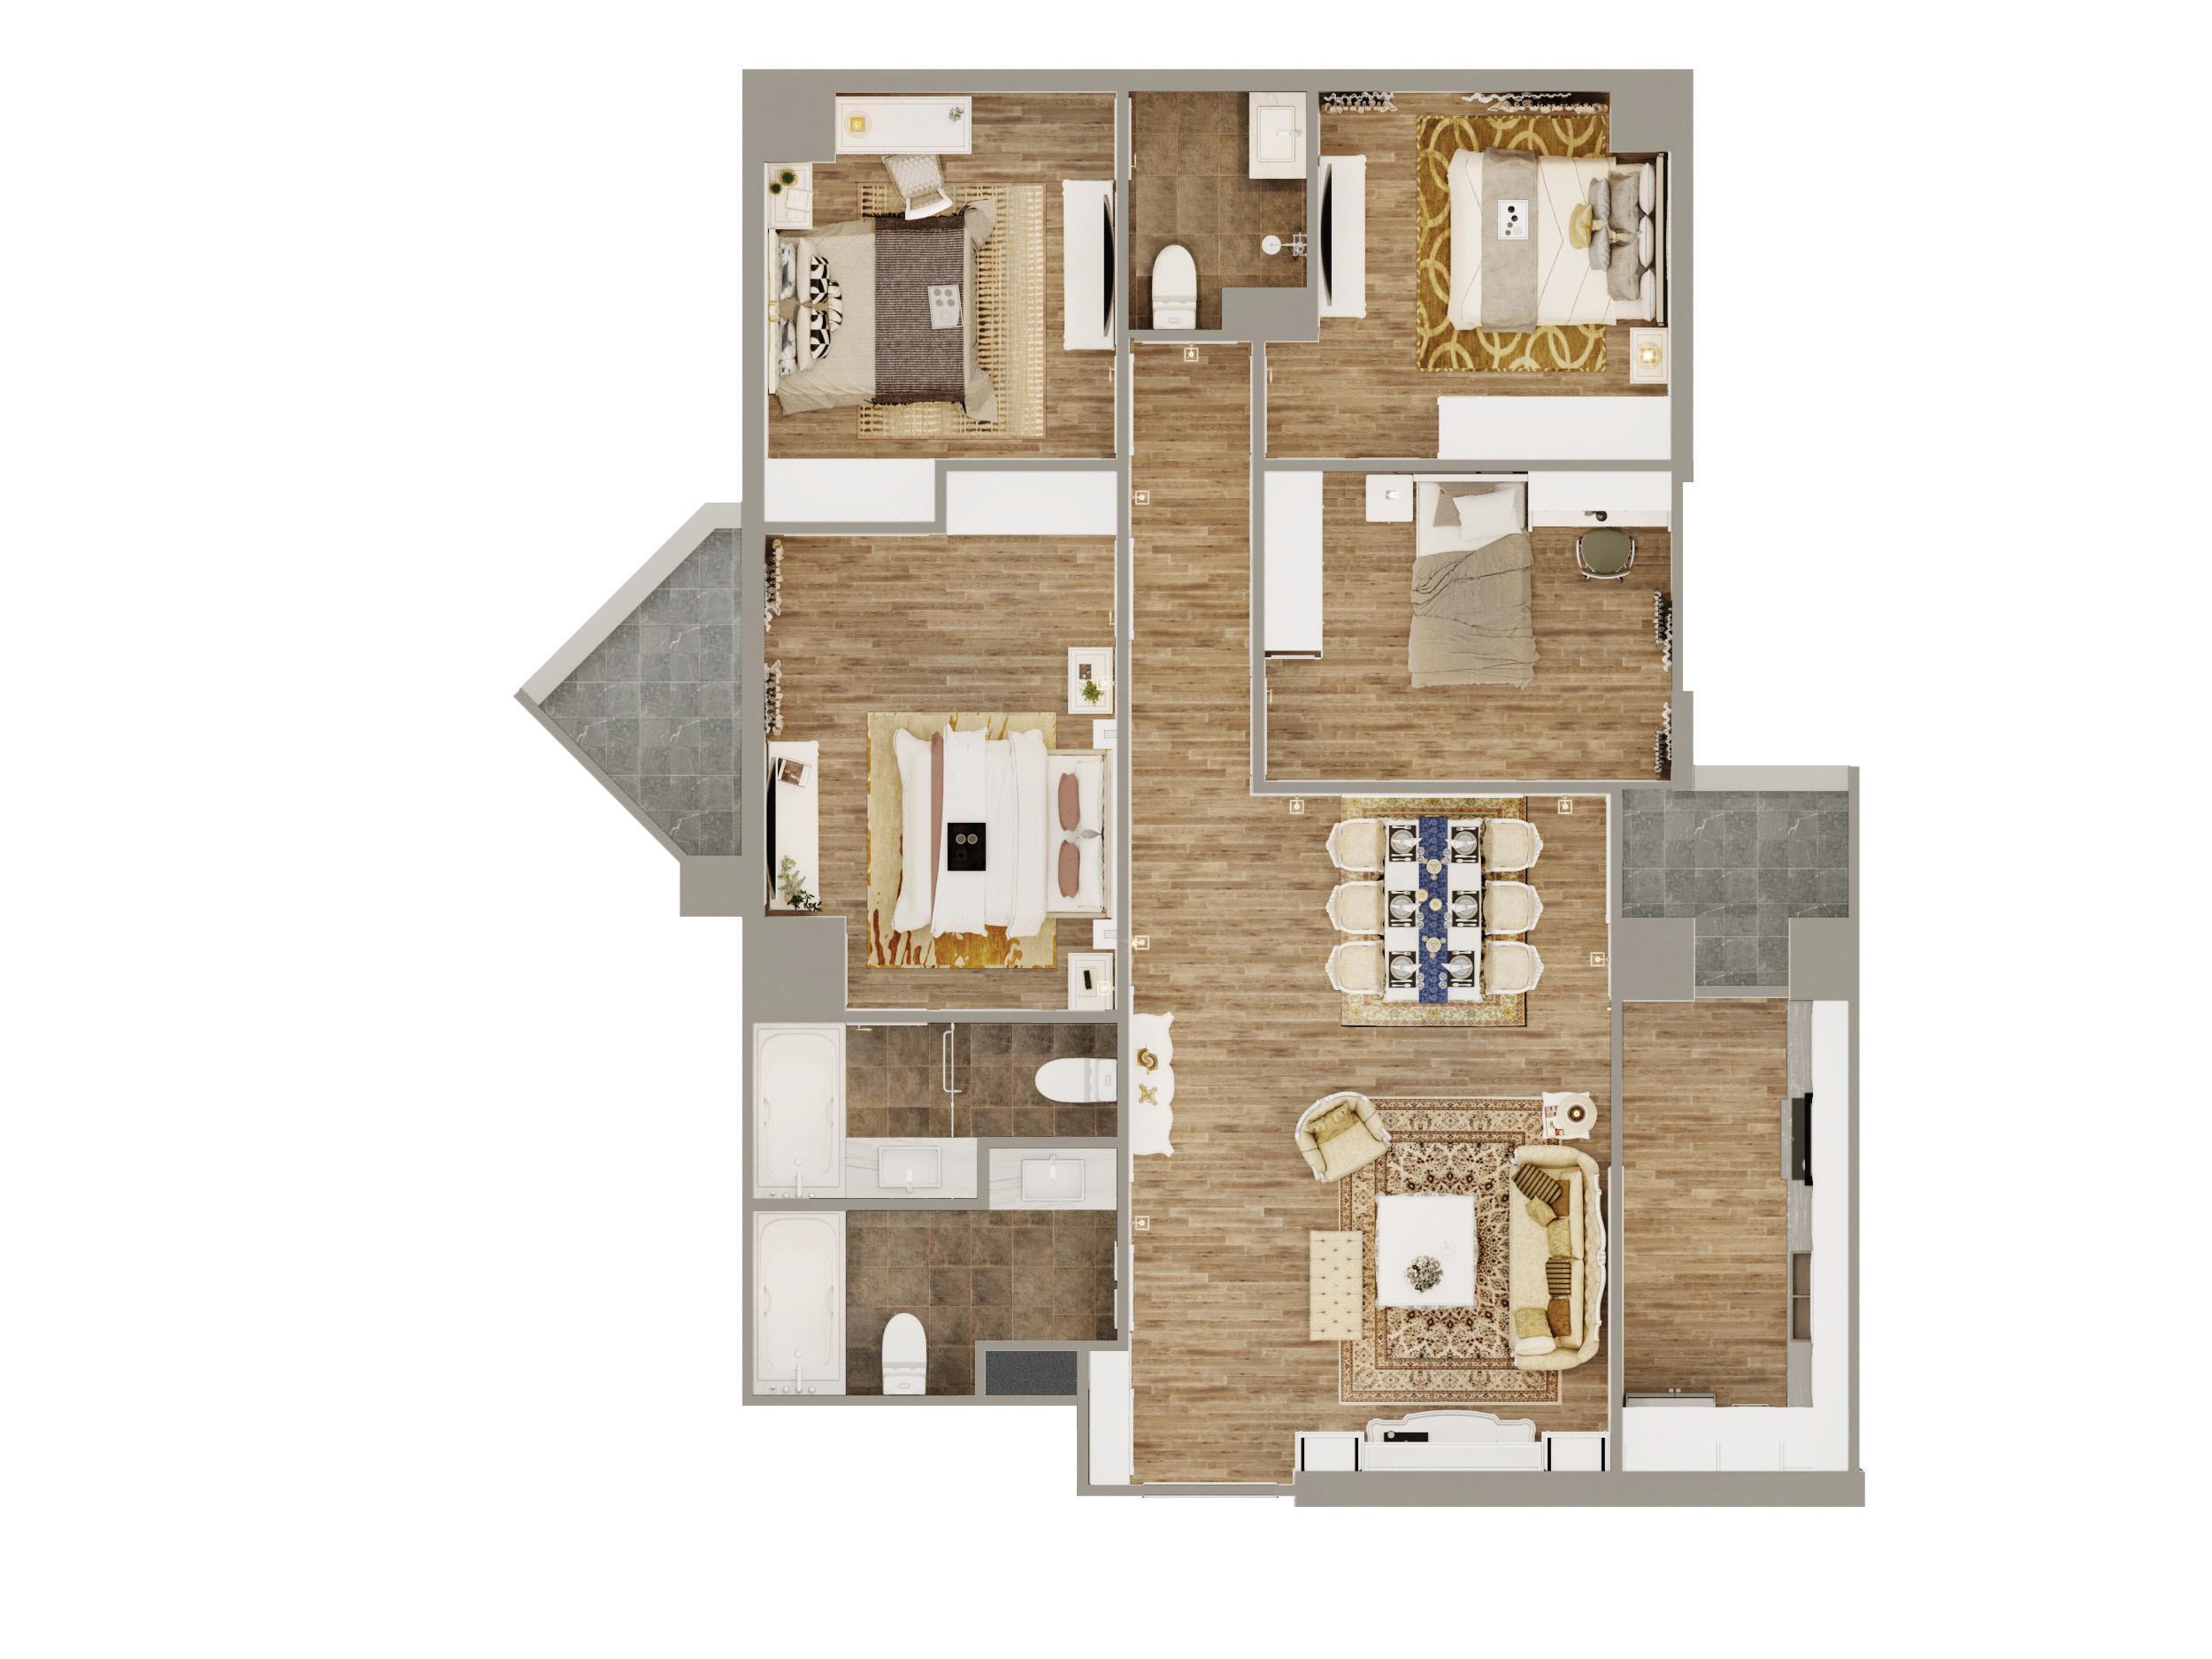 Thiết kế căn hộ 4 phòng ngủ